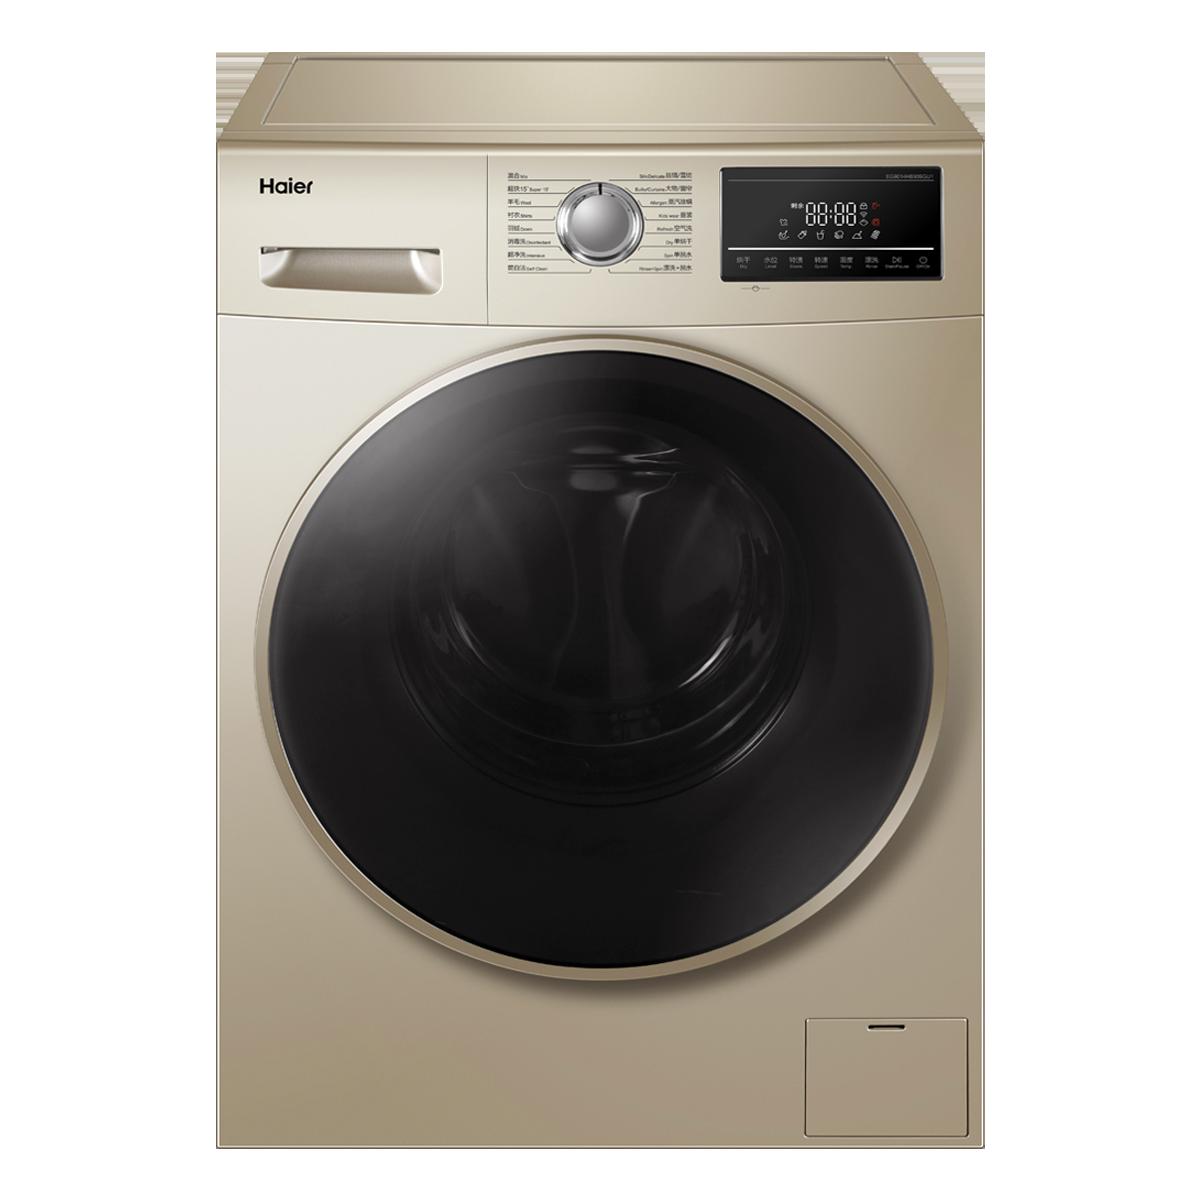 海尔Haier洗衣机 EG9014HB939GU1 说明书